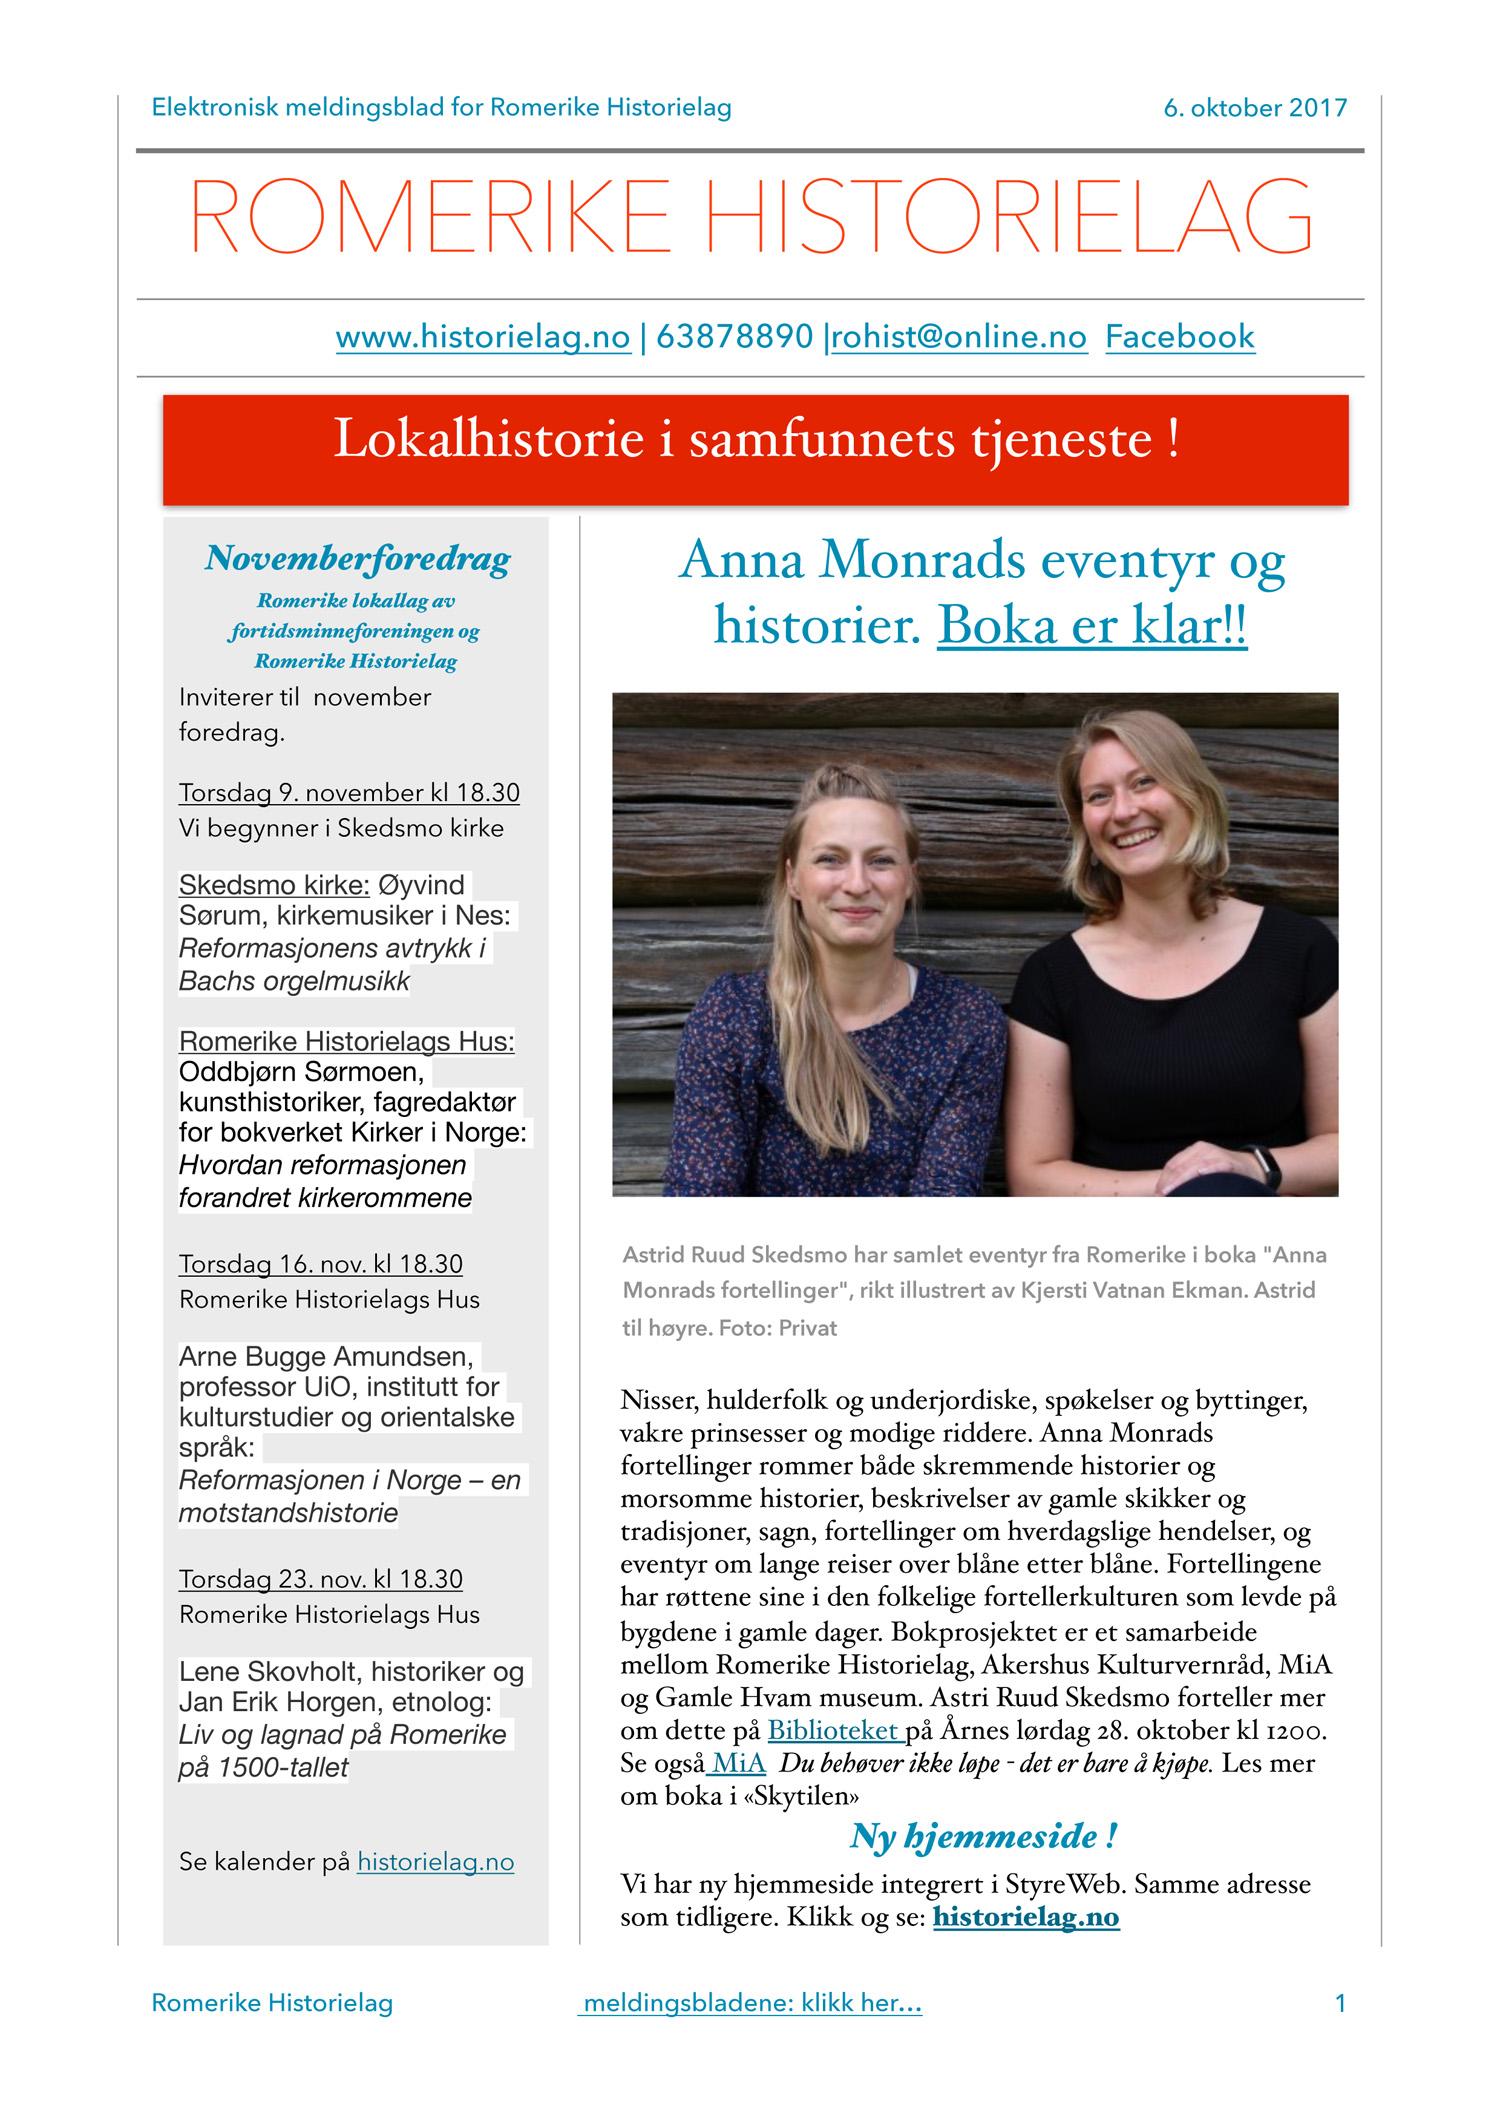 2017-10-meldingsblad-1.jpg